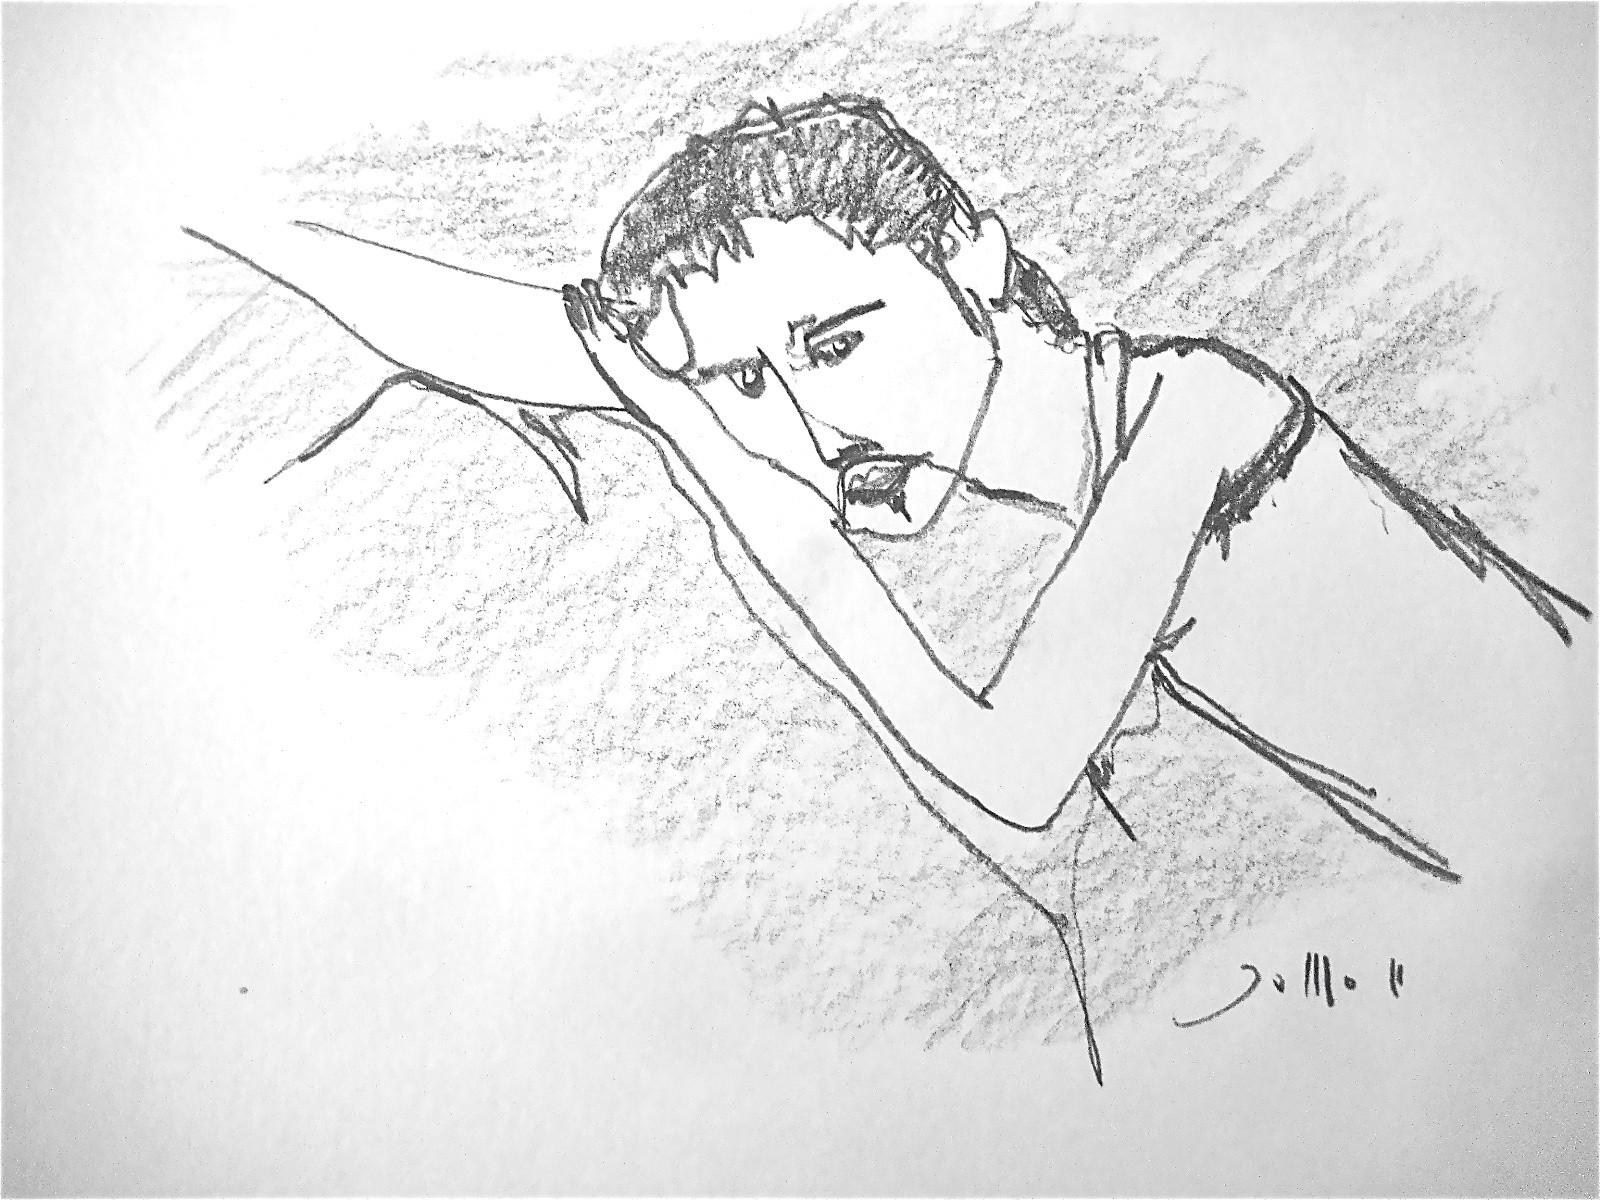 DENKER, 2011, Johannes Morten, 20 x 20 cm, Graphit auf Papier